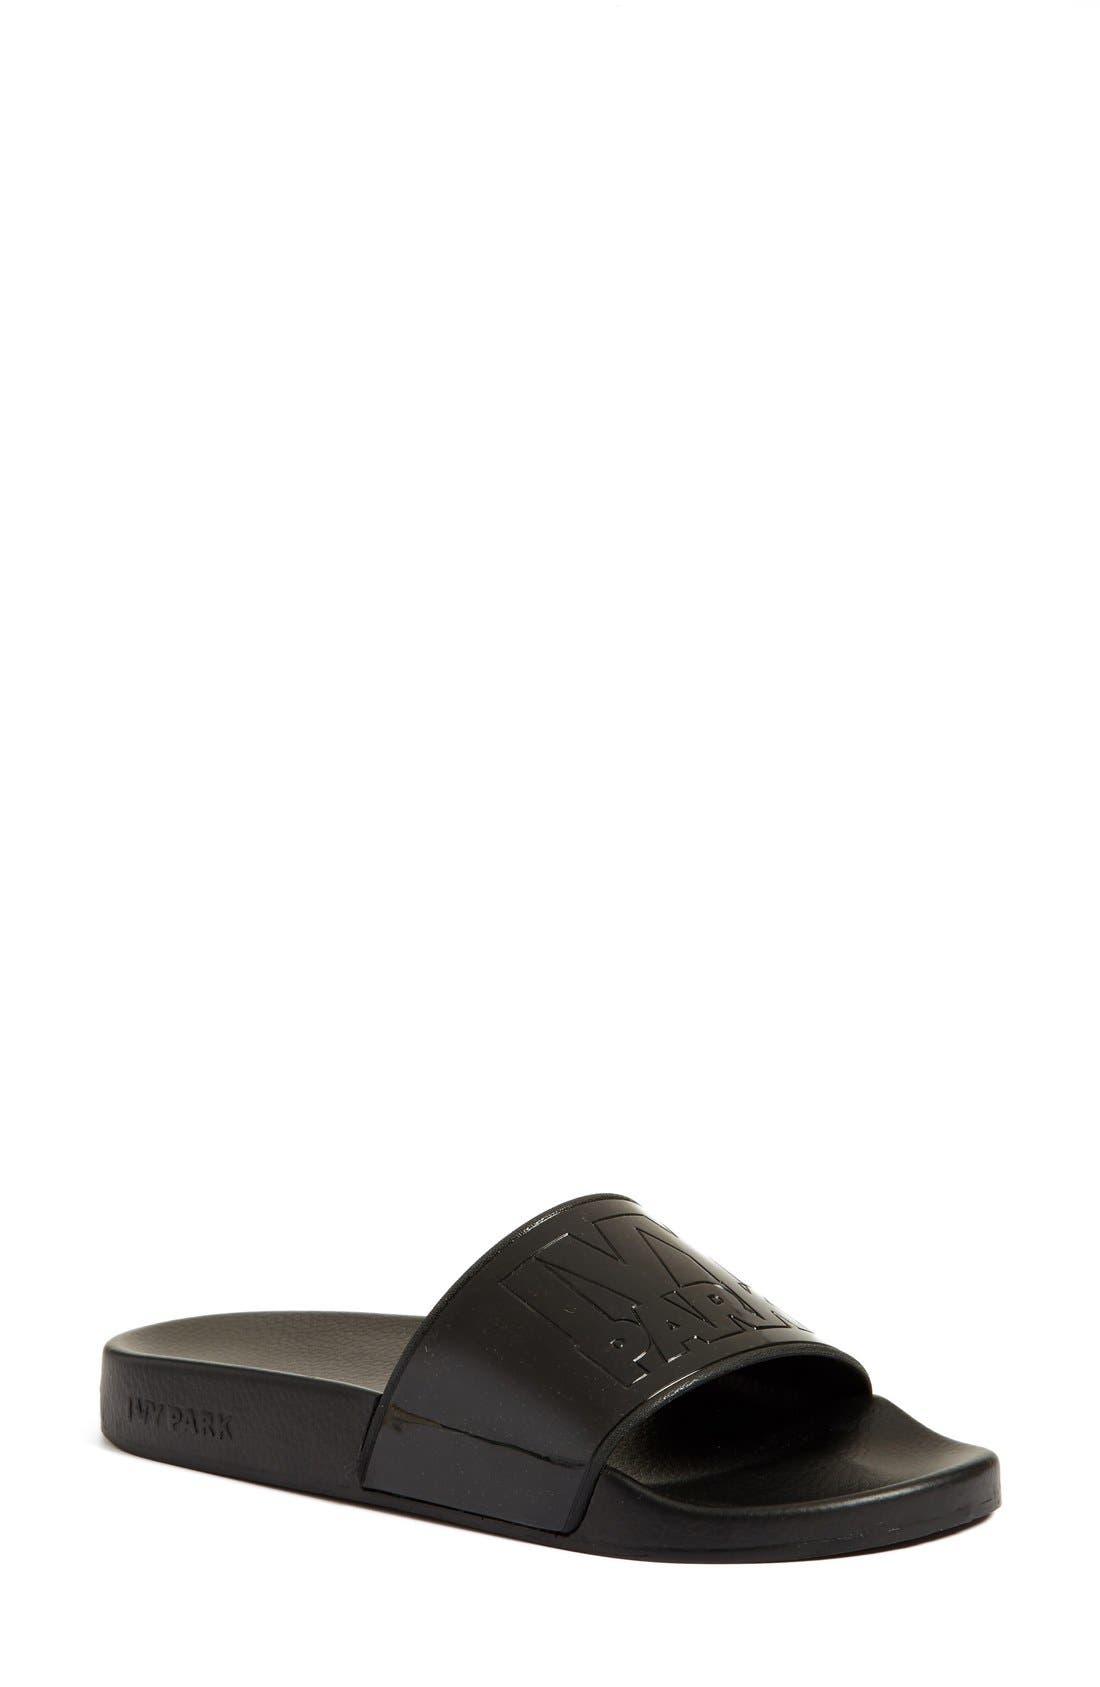 IVY PARK® Logo Slide Sandal (Women)